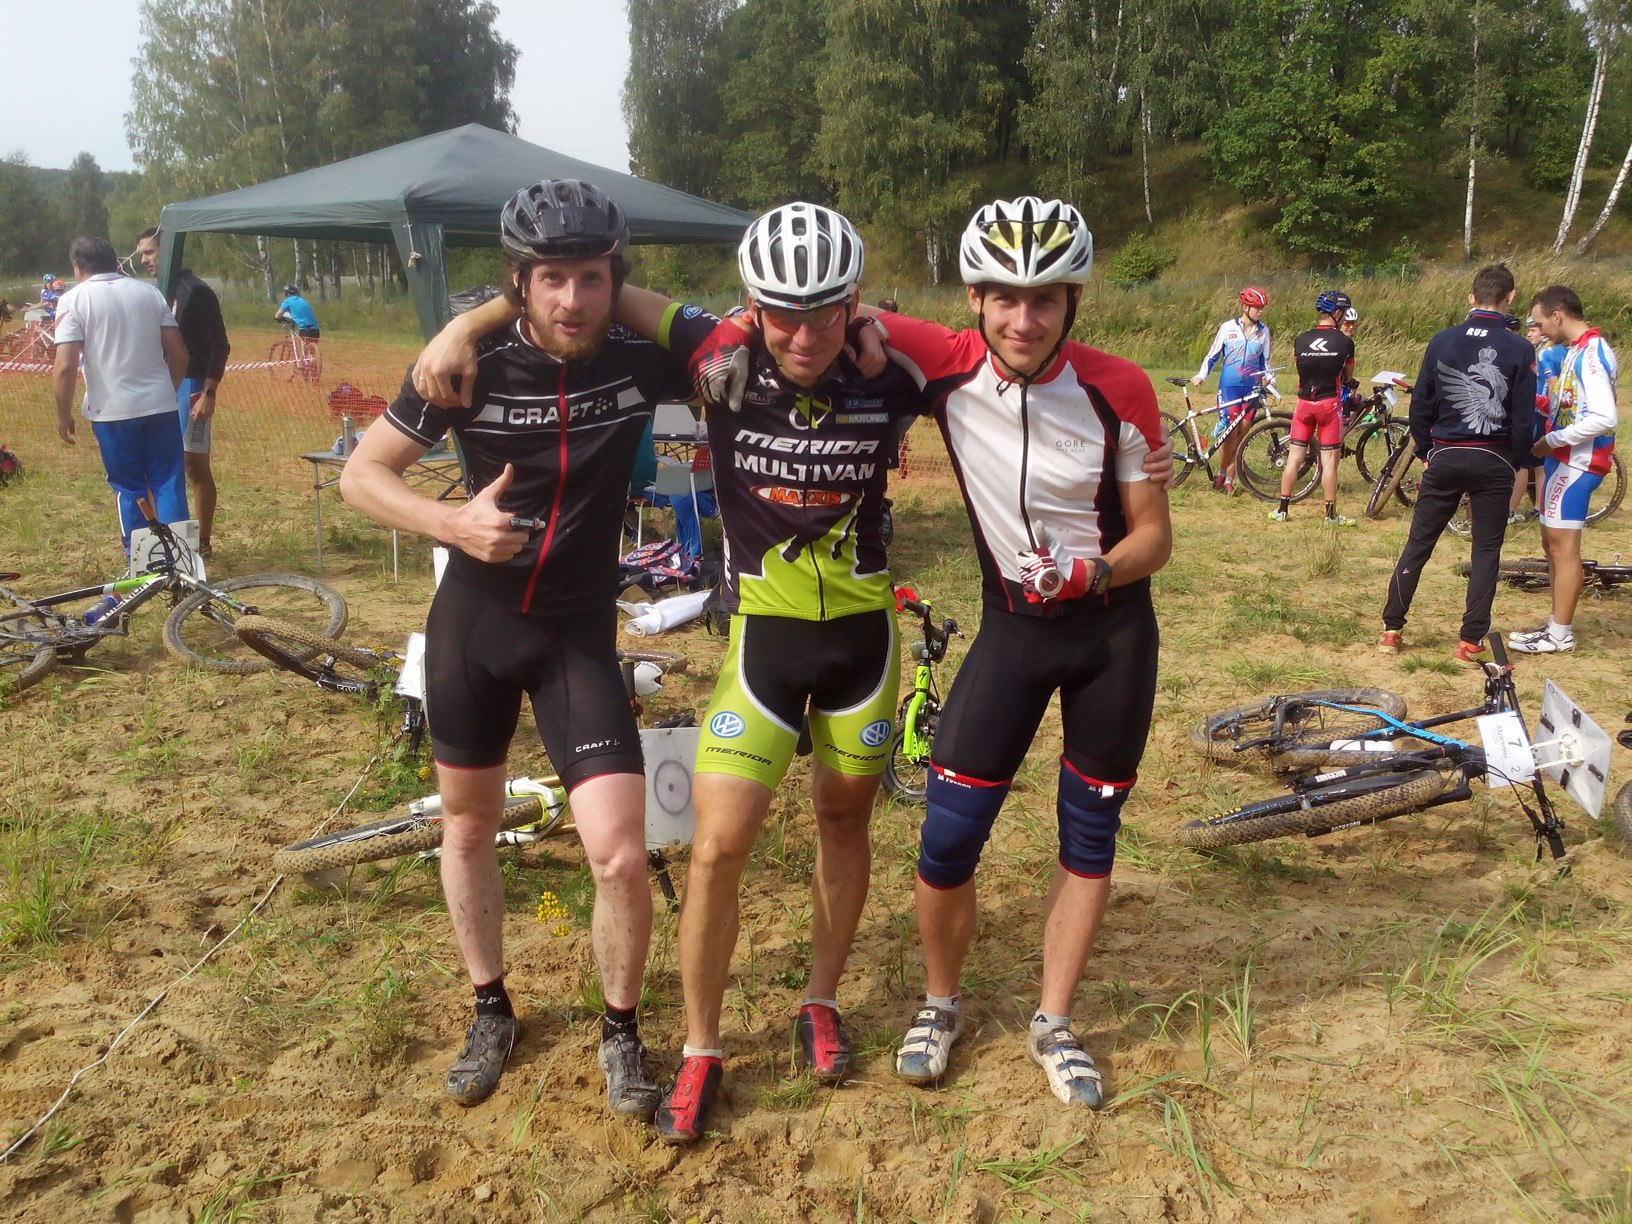 Победители эстафеты, вторая команда Москвы (Дима, Андрей, Юра)